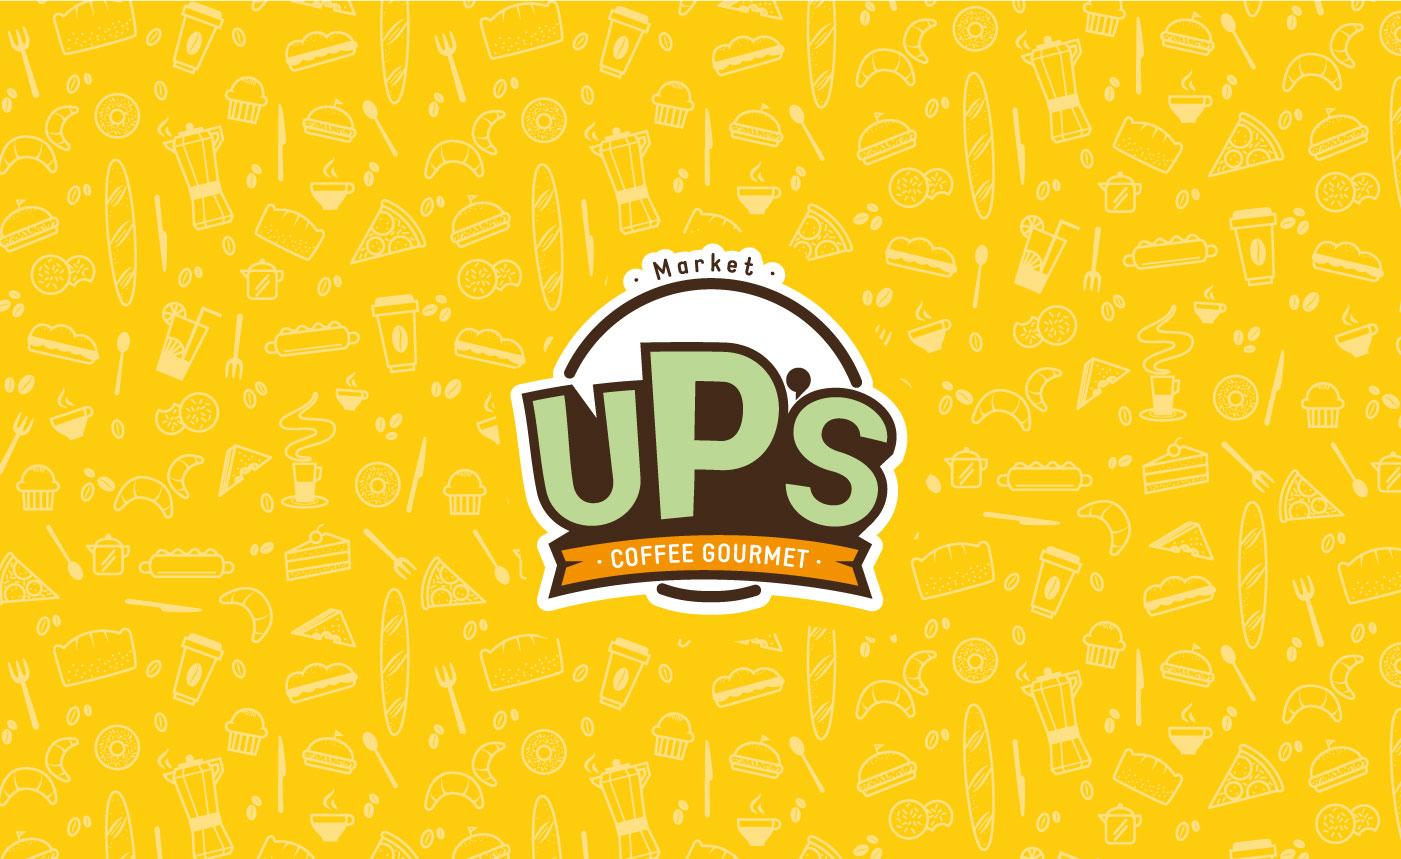 Ups-imagen-01